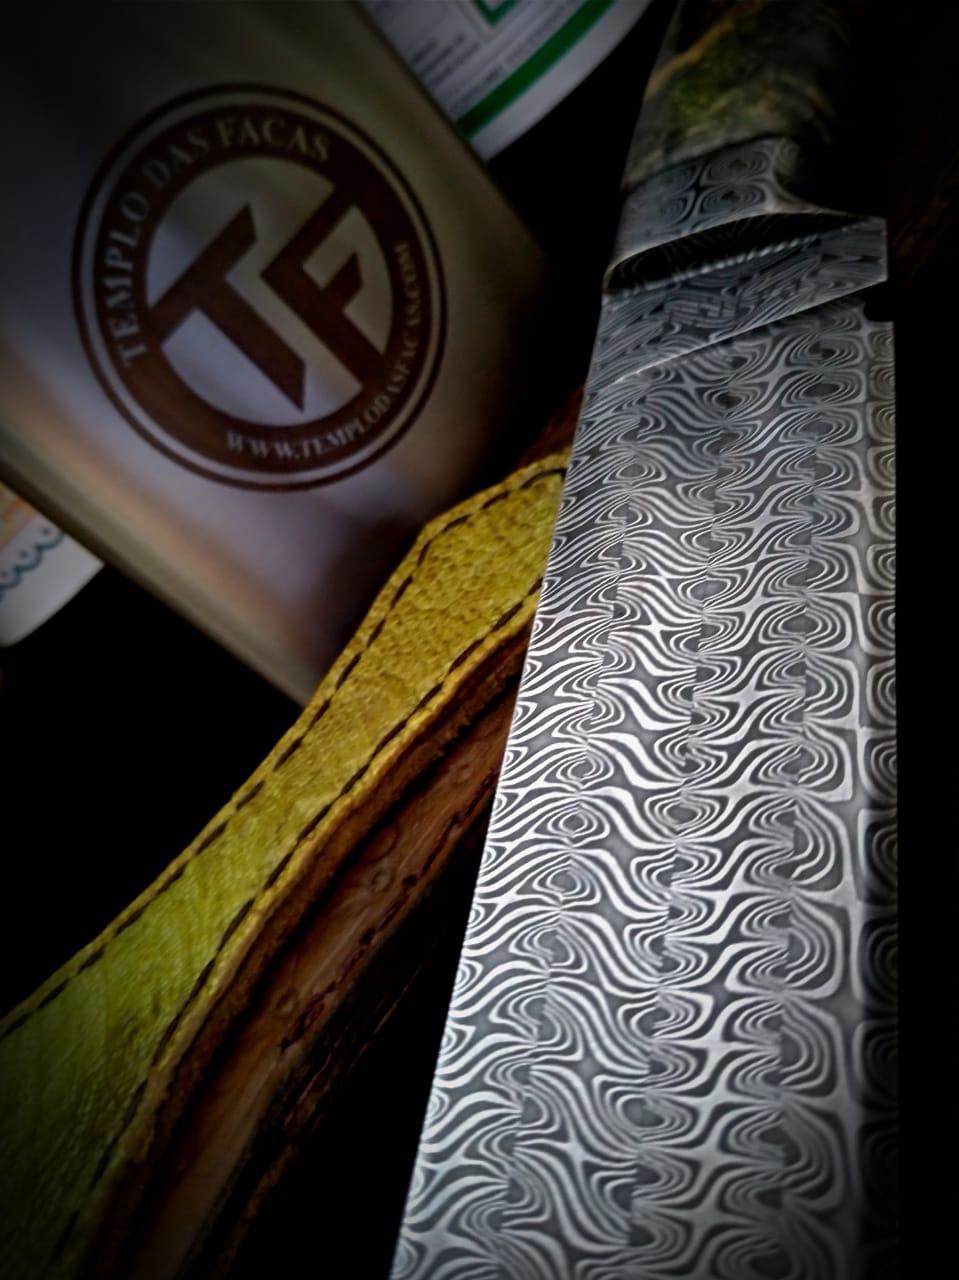 Faca artesanal forjada em aço de damasco